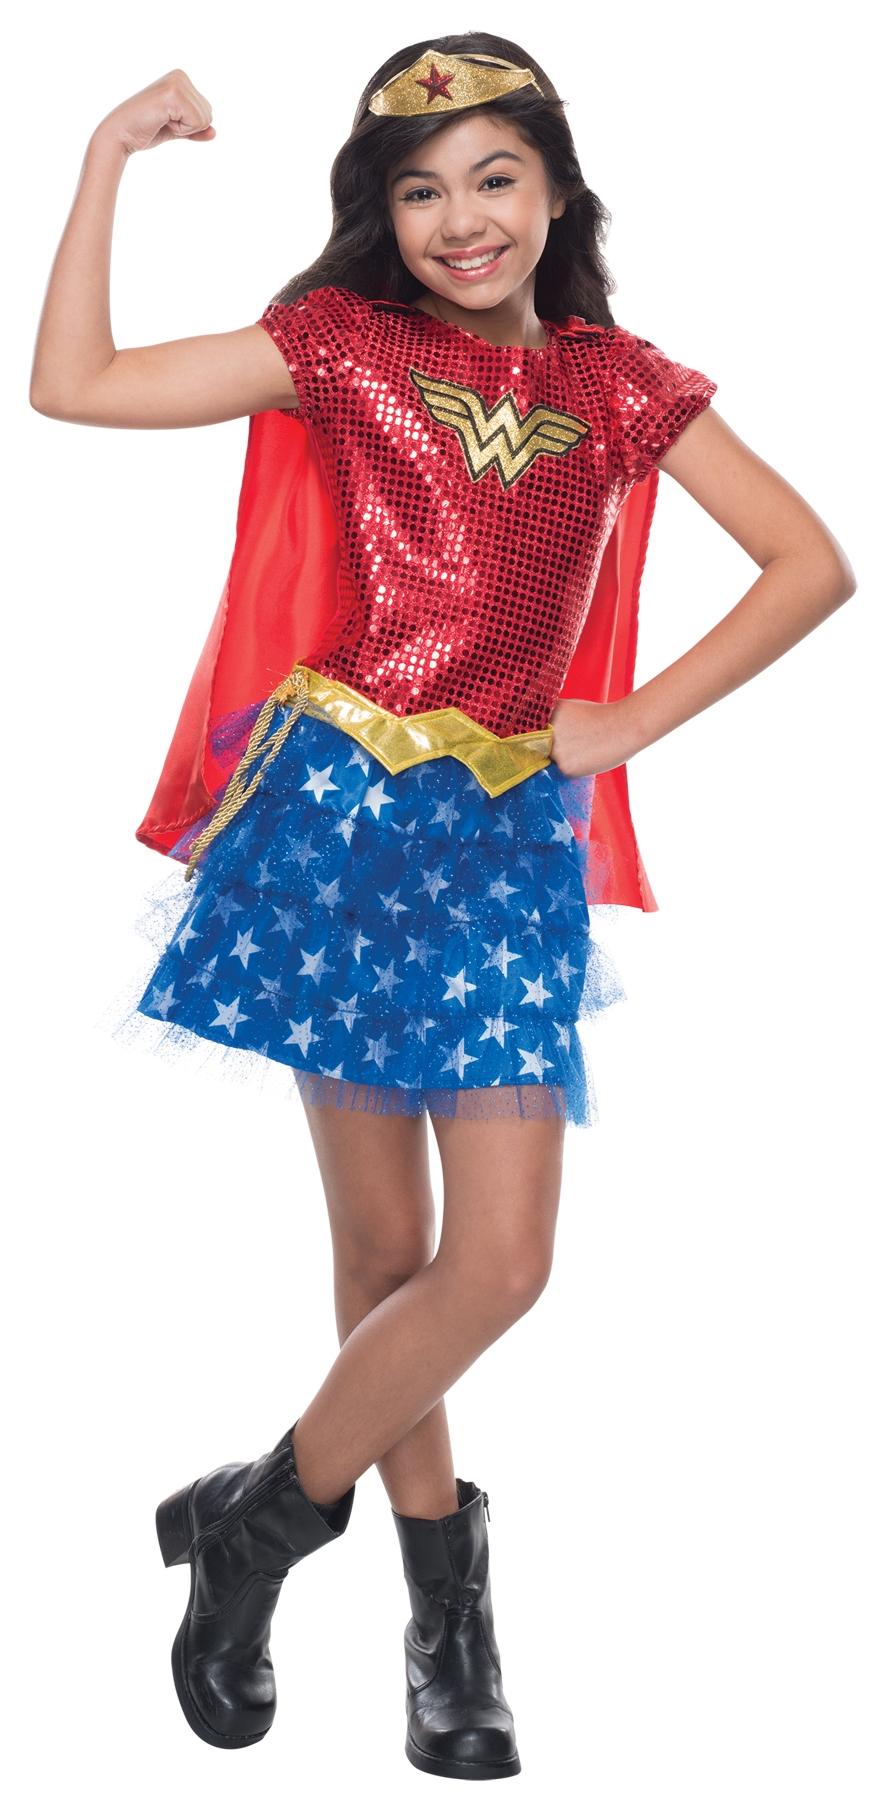 Детский костюм Вандервуман (32) - Супергерои и комиксы, р.32